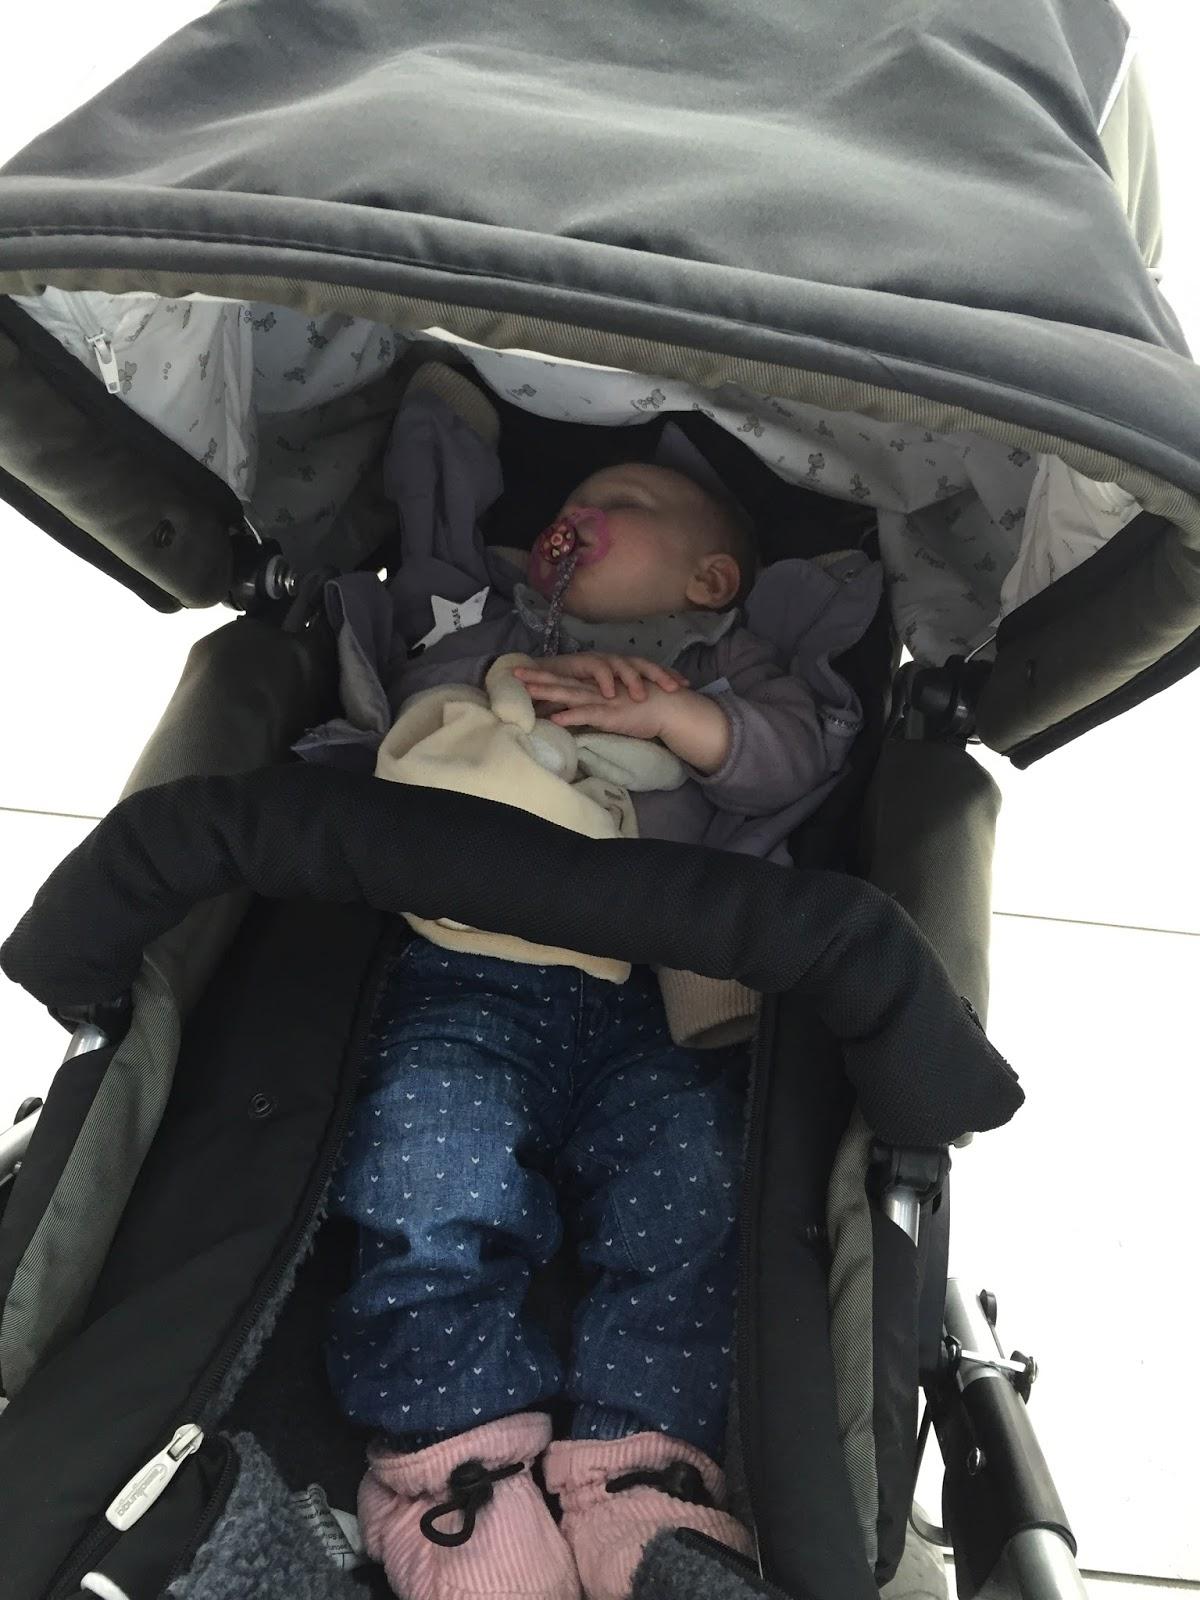 Tines krearier: Påskeferie i Prag || Storbyferie med baby